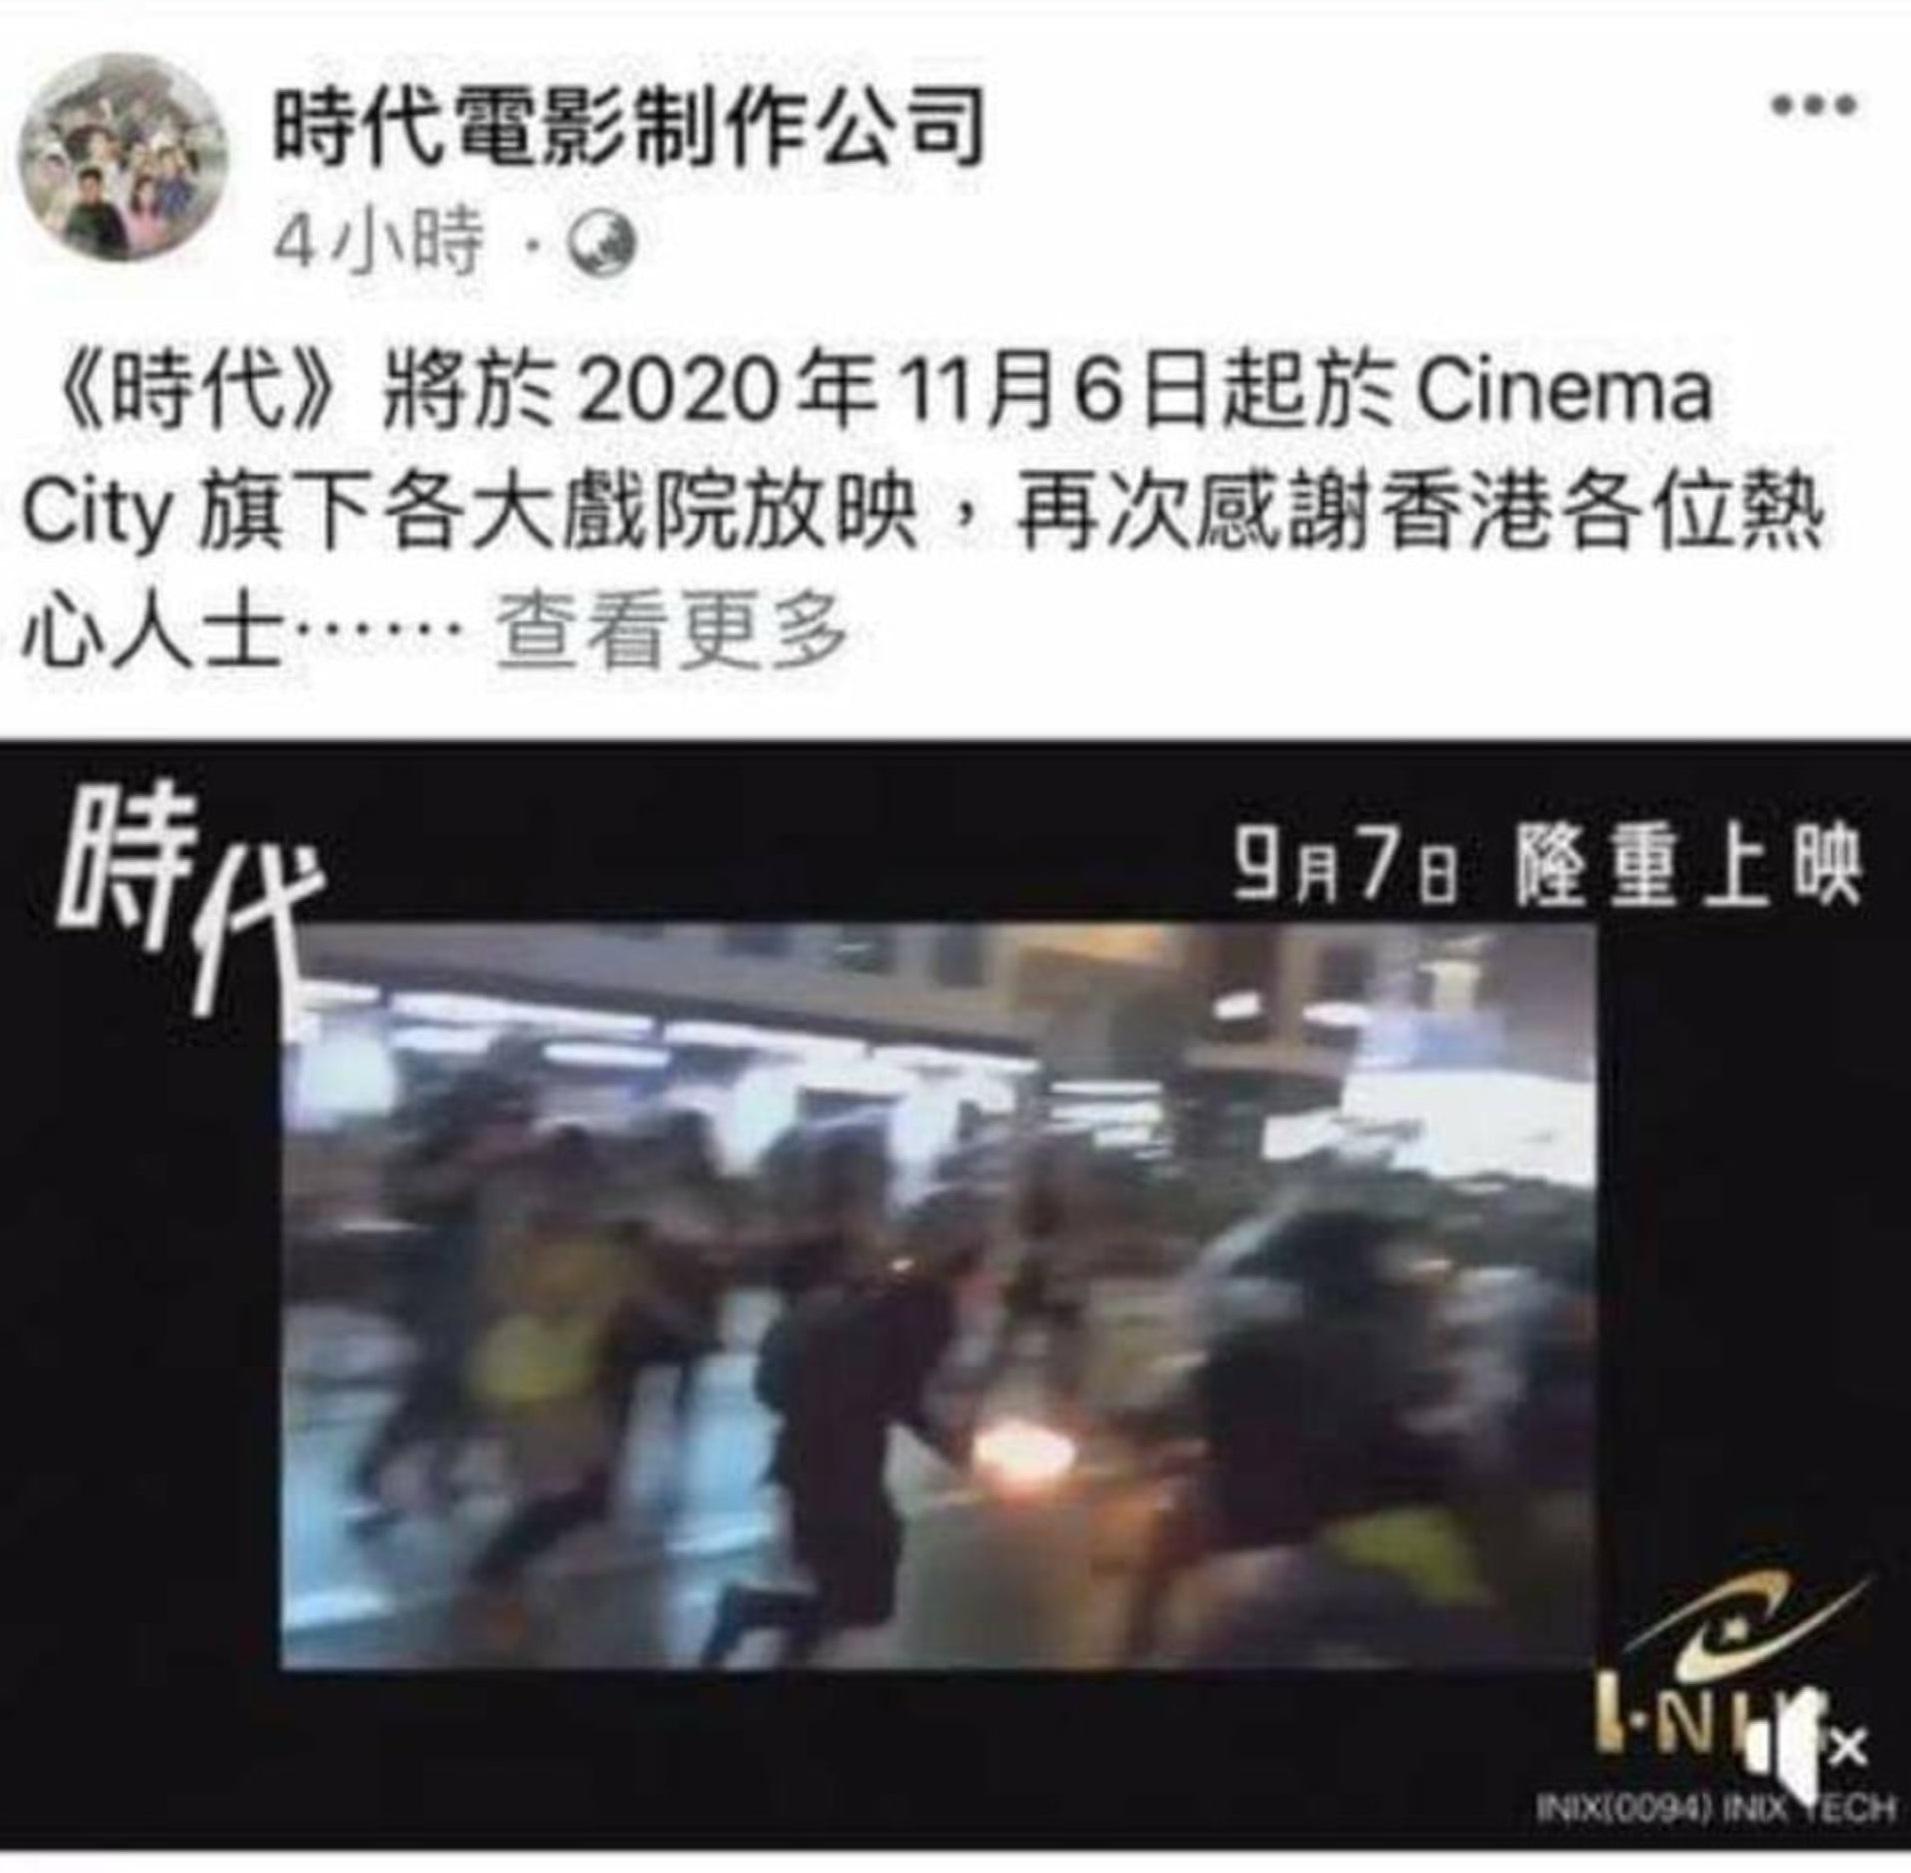 【羅生門】《時代》製片商稱下月Cinema City上映 戲院公司急割蓆:未安排任何場次